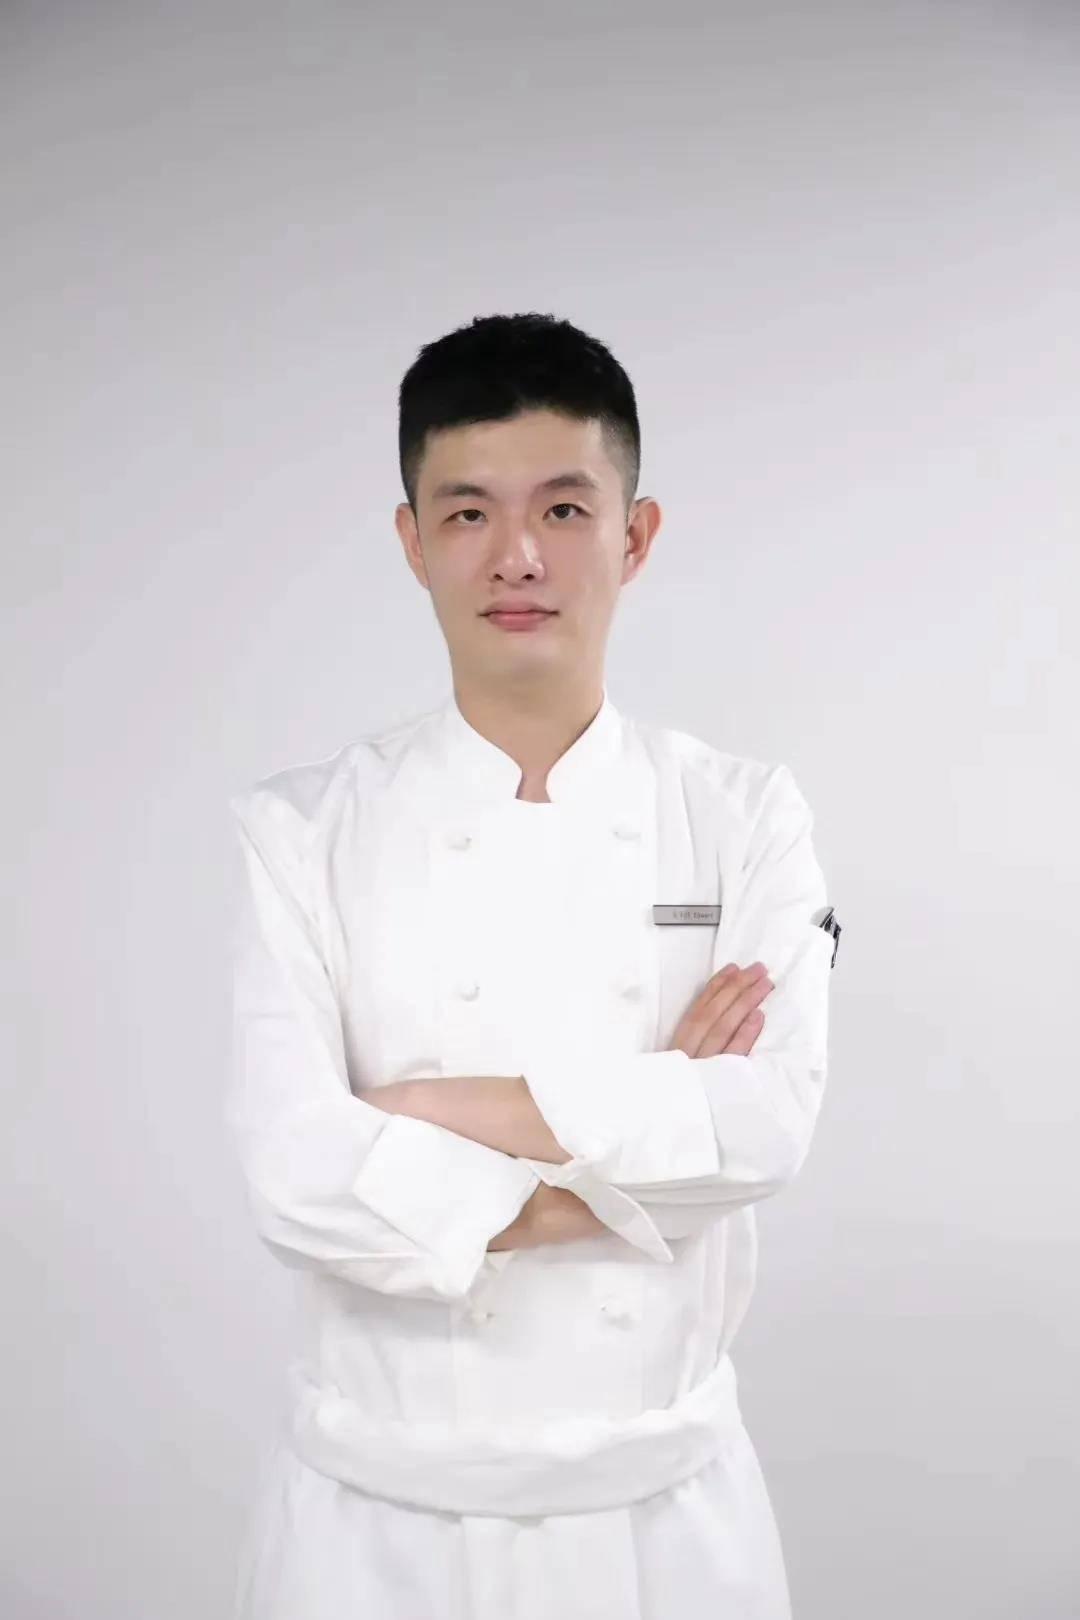 广州市白云工商技师学院烹饪专业优秀毕业生栗未炜